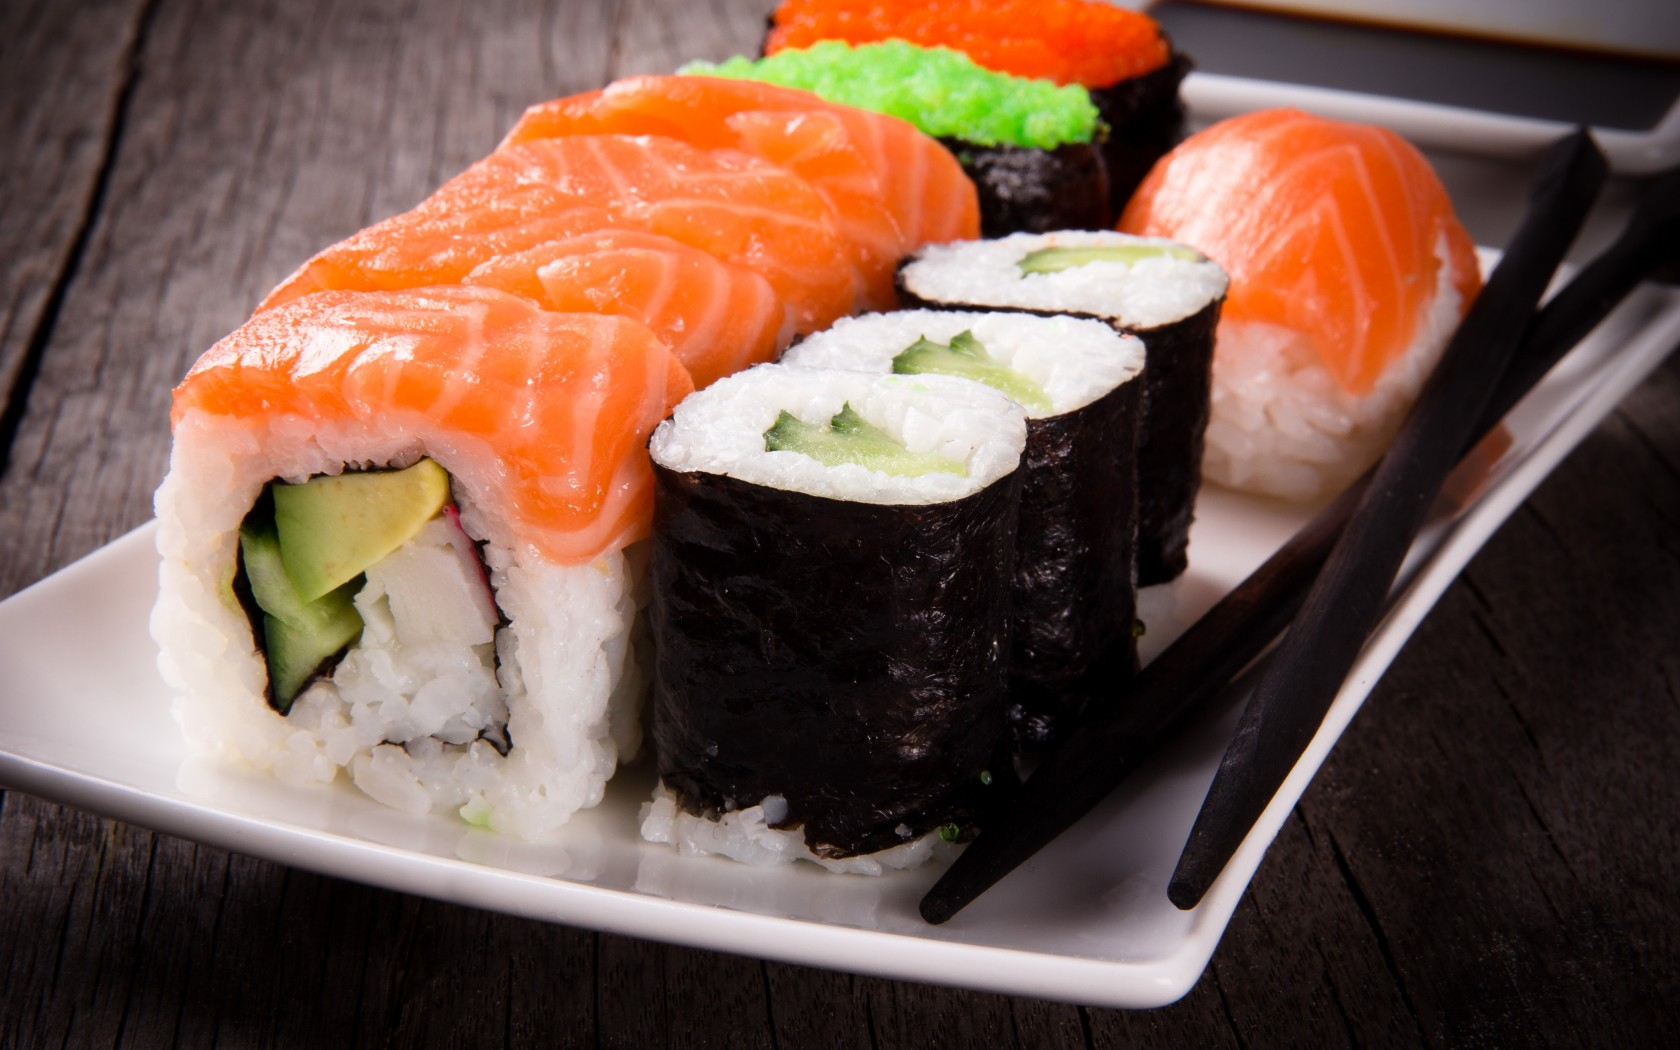 Wasabi Sushi Shop Wrocław Produkty i Akcesoria do Sushi i Kuchni Orientalnej (84)